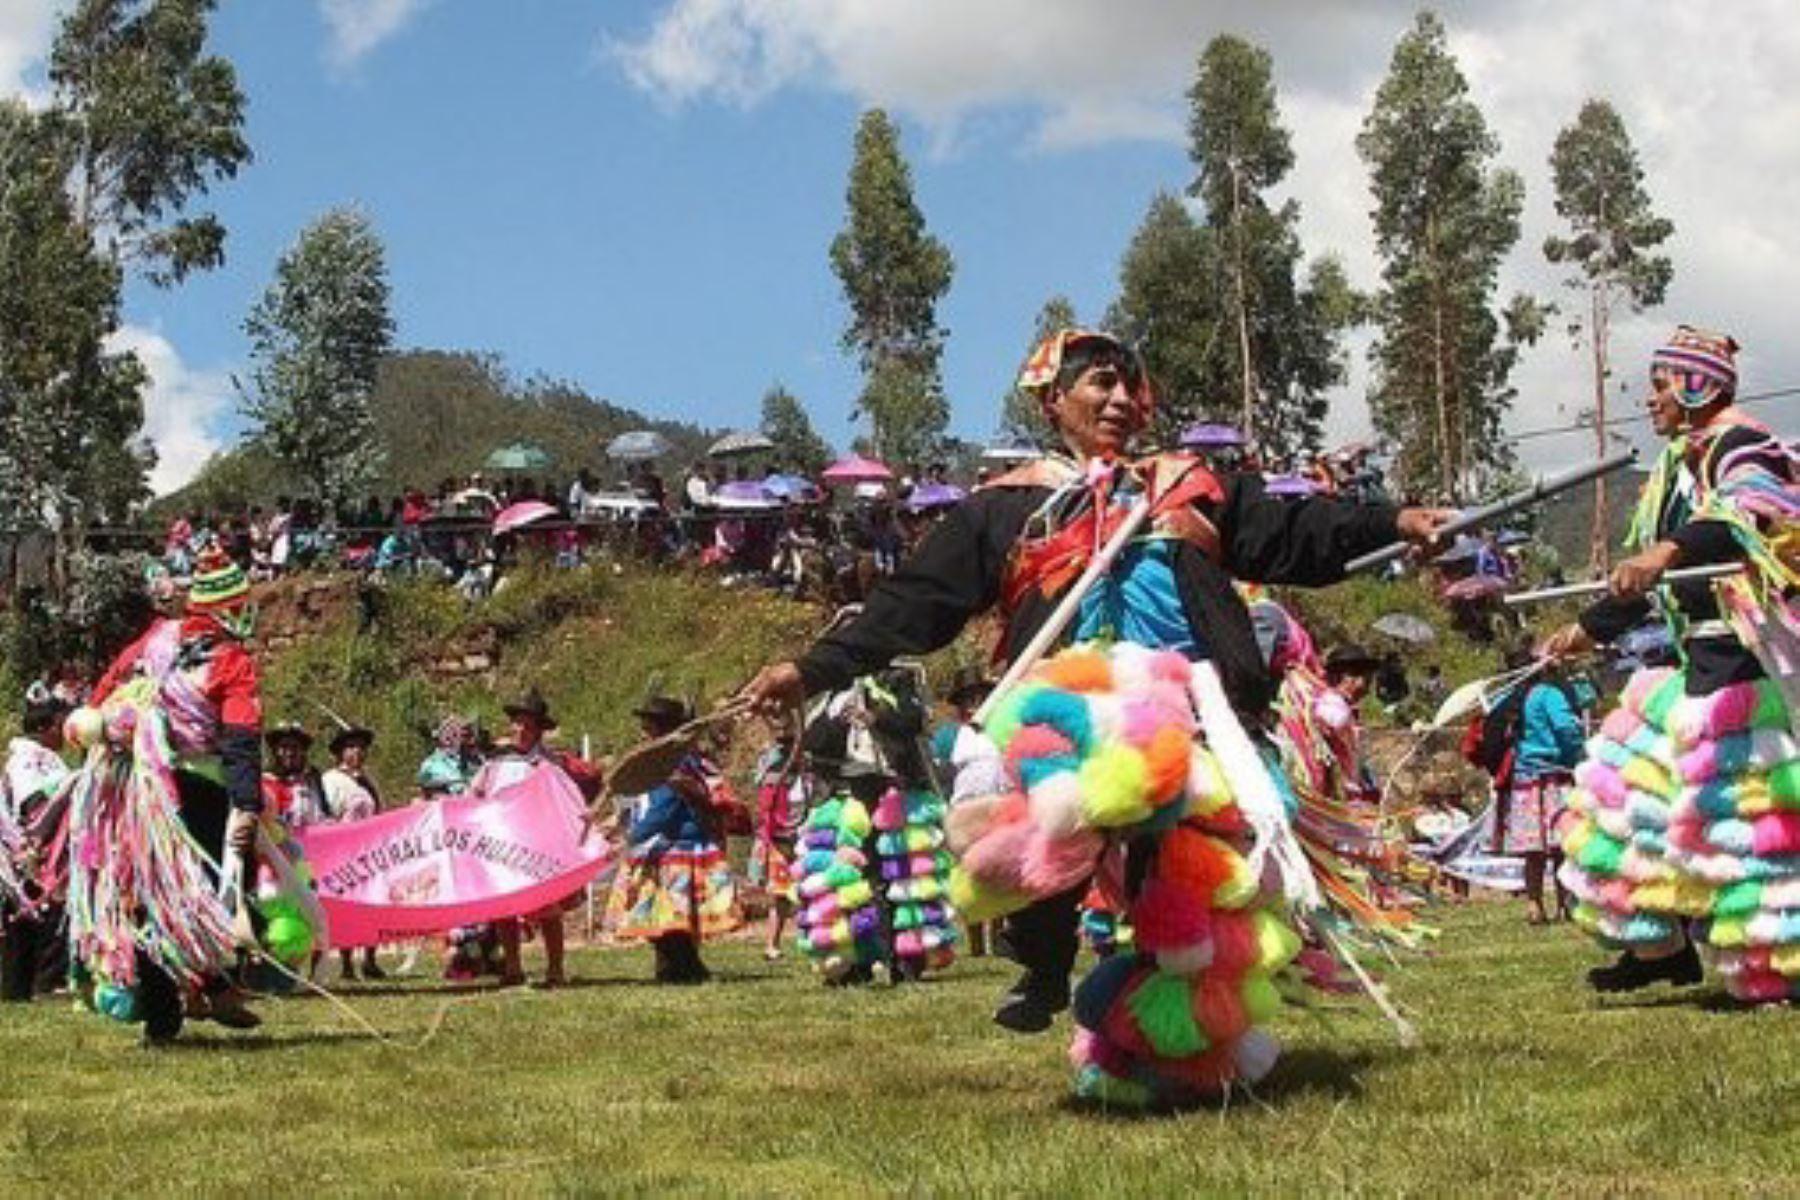 Hoy empezó la Fiesta de Pascua de Uripa 2019 (Apurímac), declarada Patrimonio Cultural de la Nación.